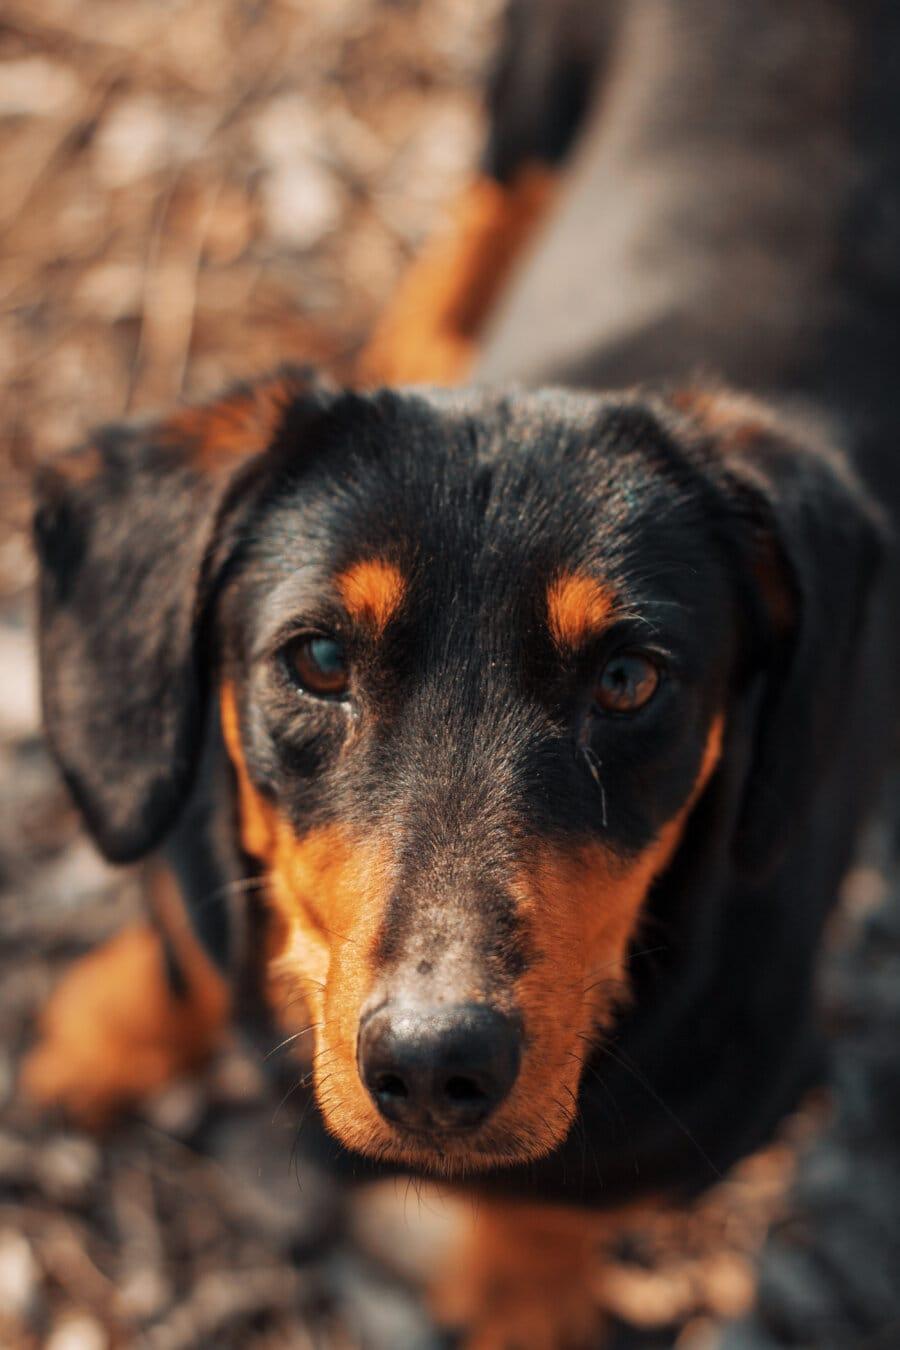 şirin, köpek, daksund, av köpeği, safkan, kafa, gözler, çok güzel, hayvan, tazı